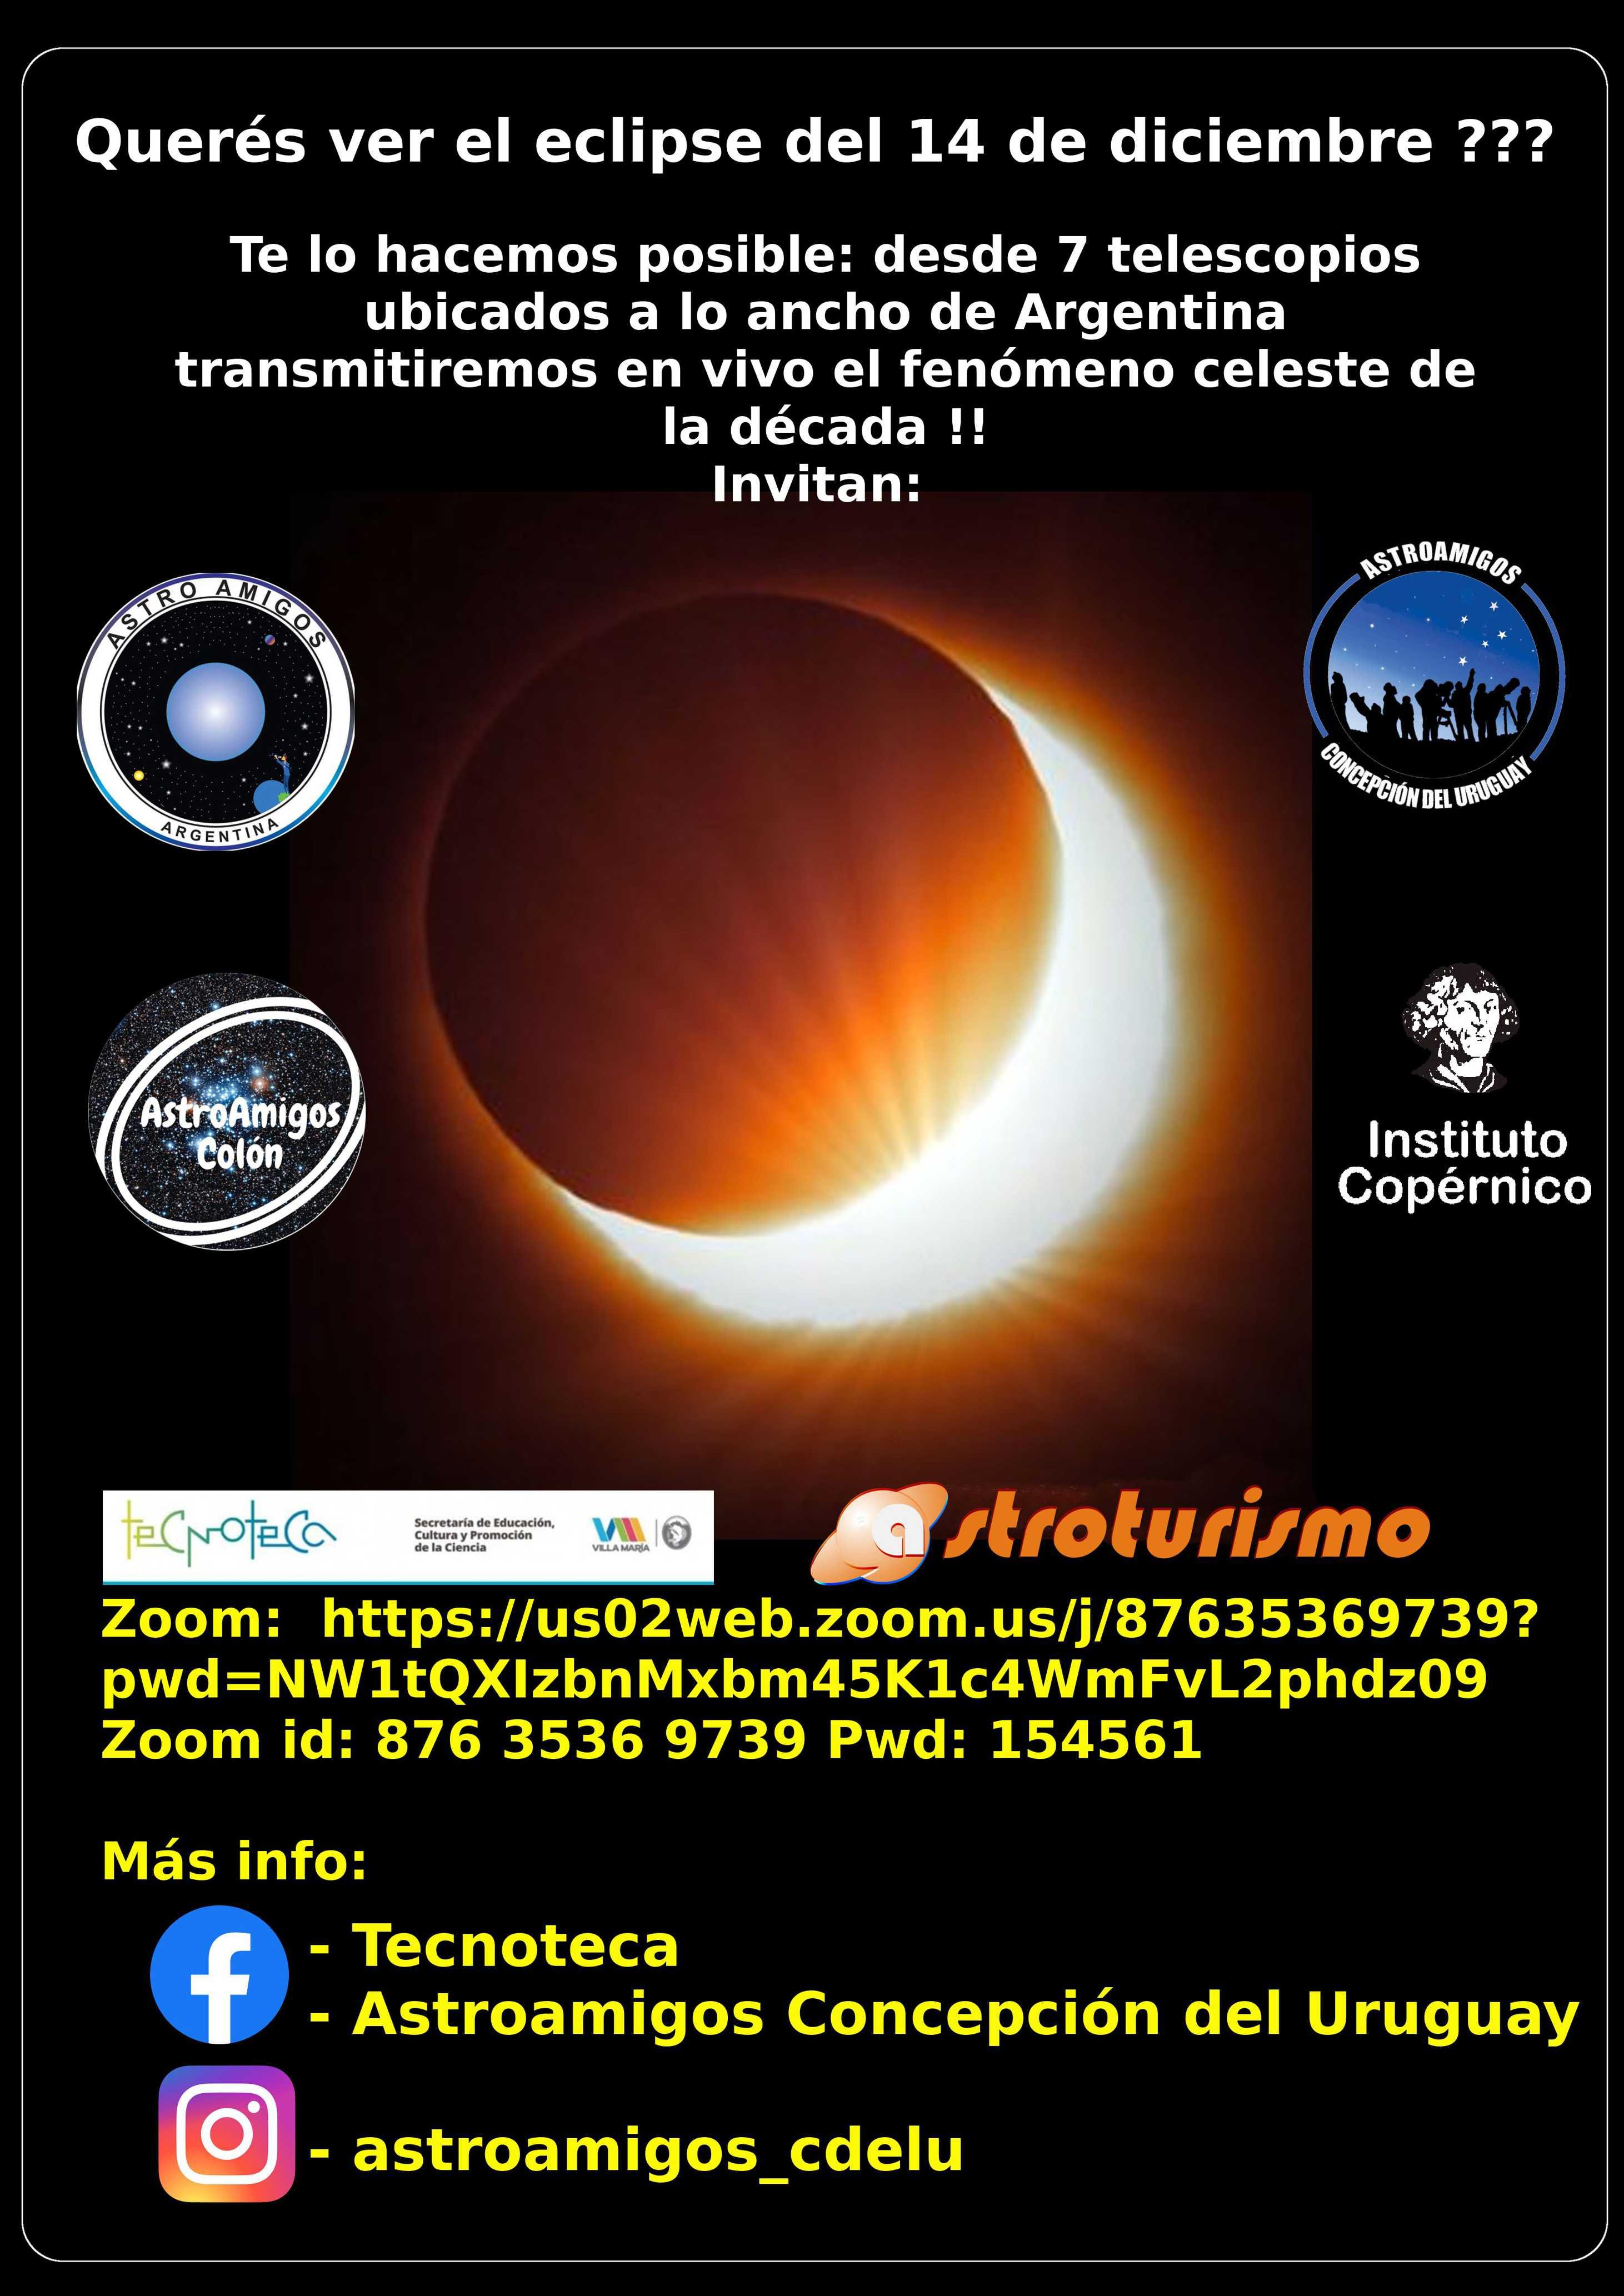 Flyer de la transmisión del eclipse en vivo